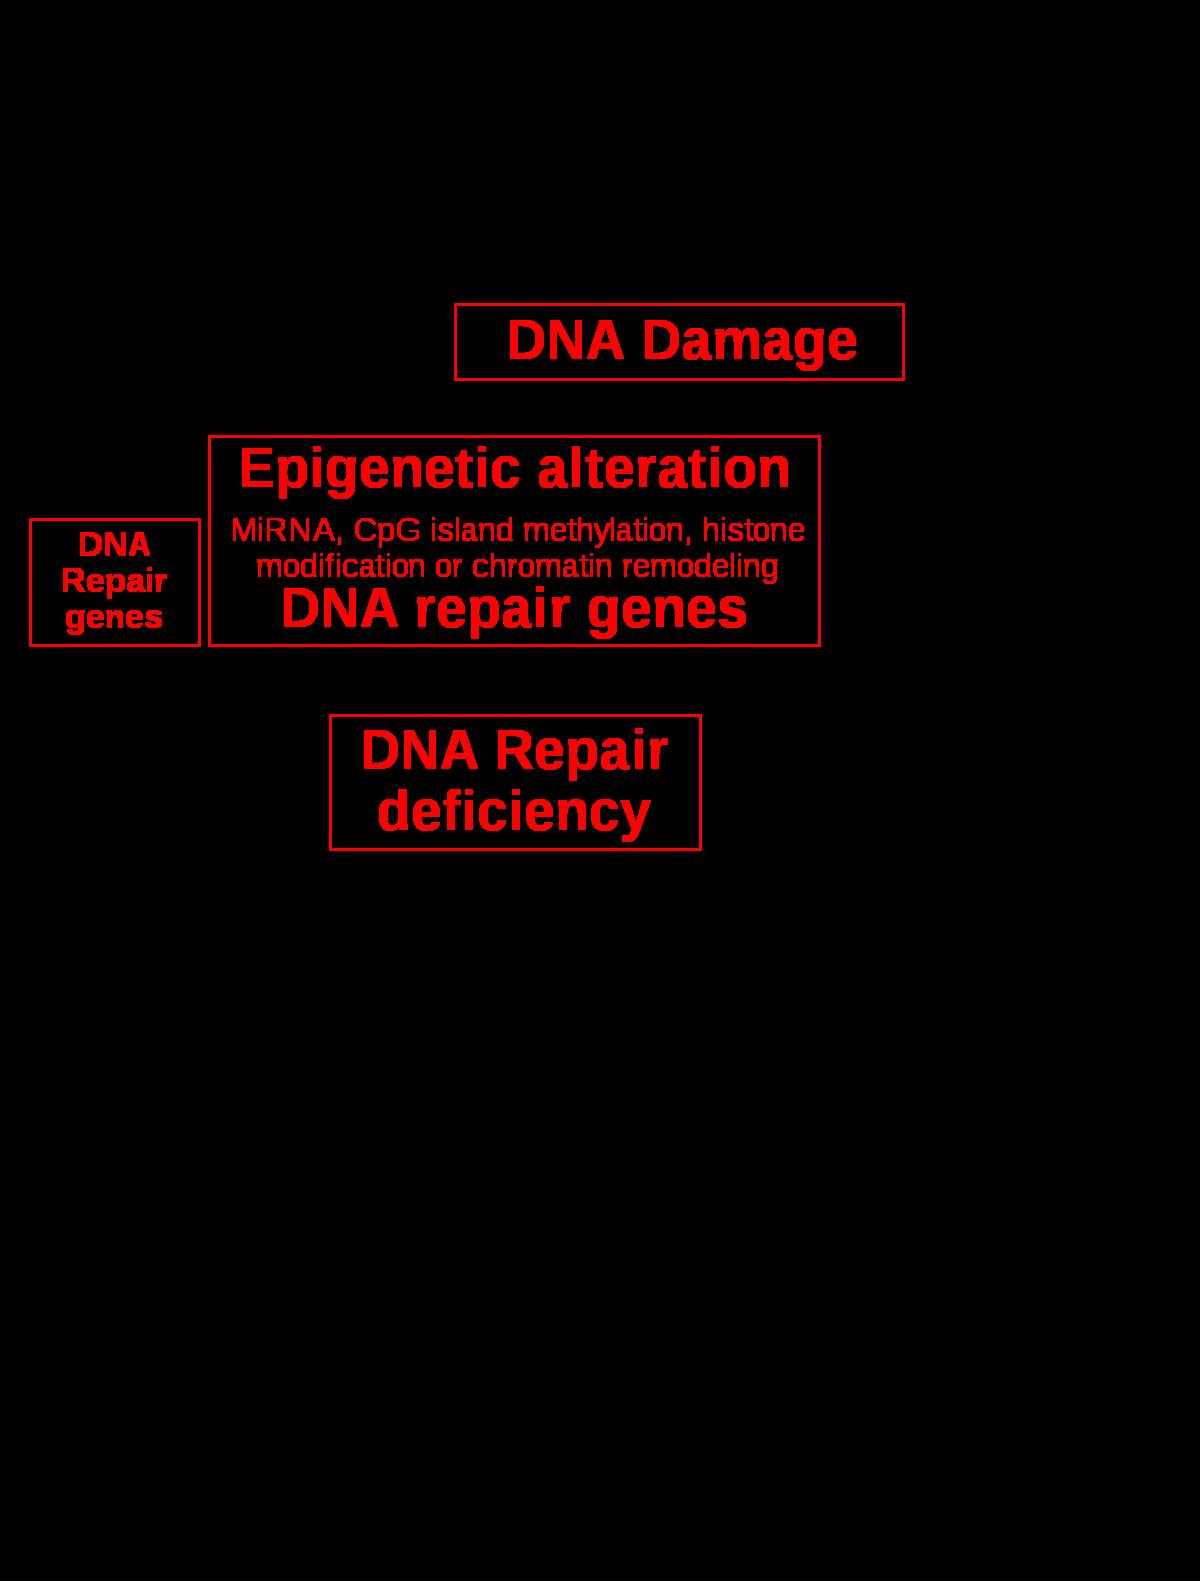 az endometrium rák genetikai hogyan lehet megtisztítani az emberi test szemetét